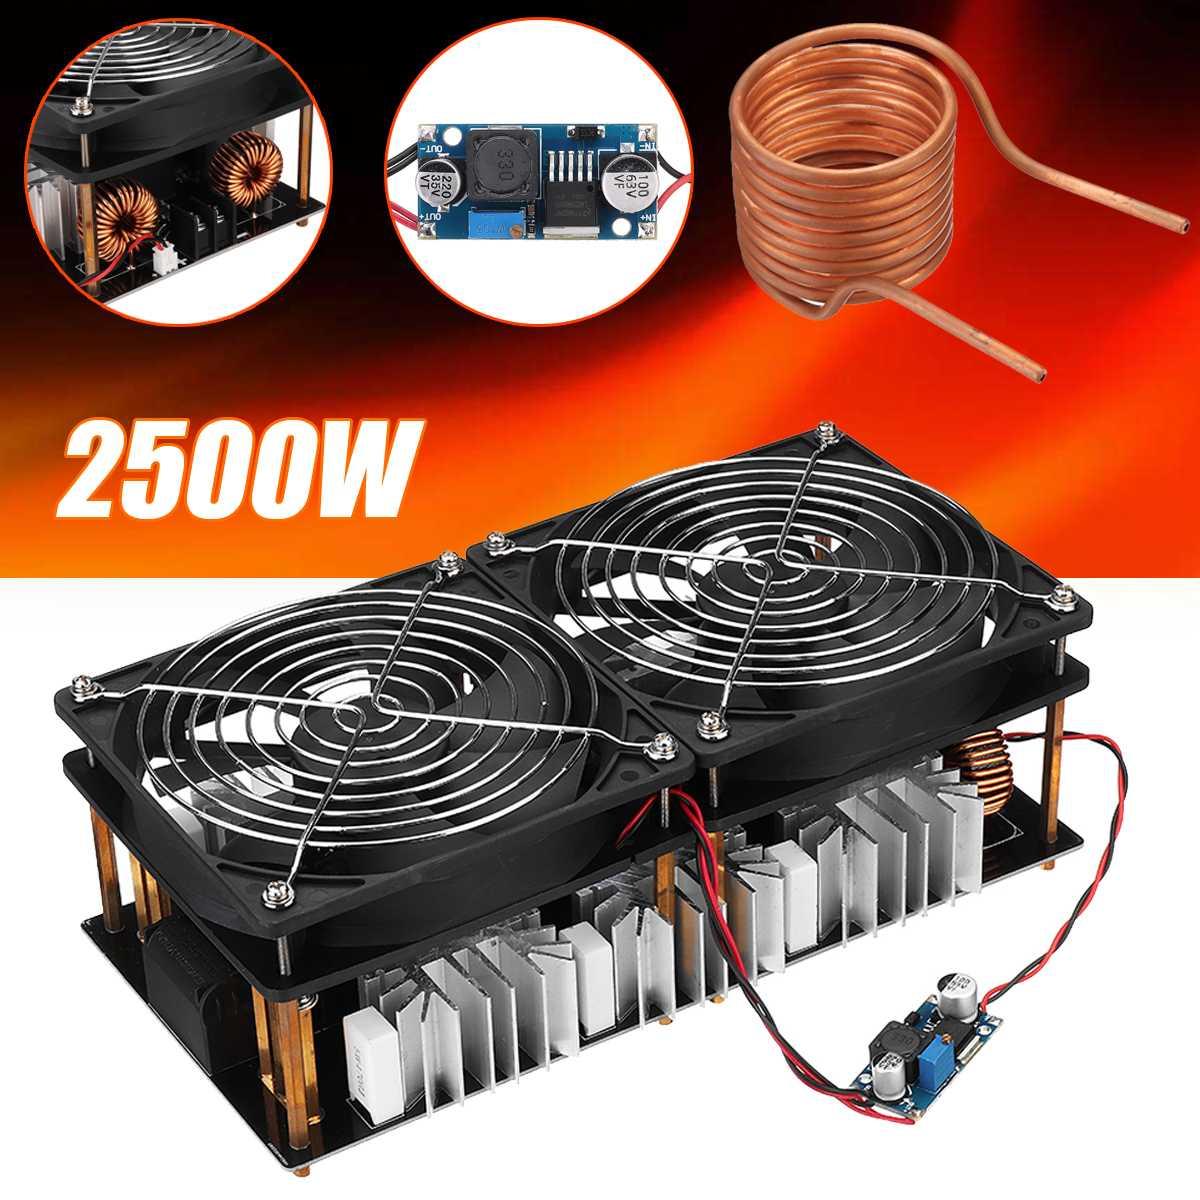 1800 W/2500 W звс индукционный нагреватель машина индукционного нагрева Модуль платы блока программного управления обратный драйвер нагревател...